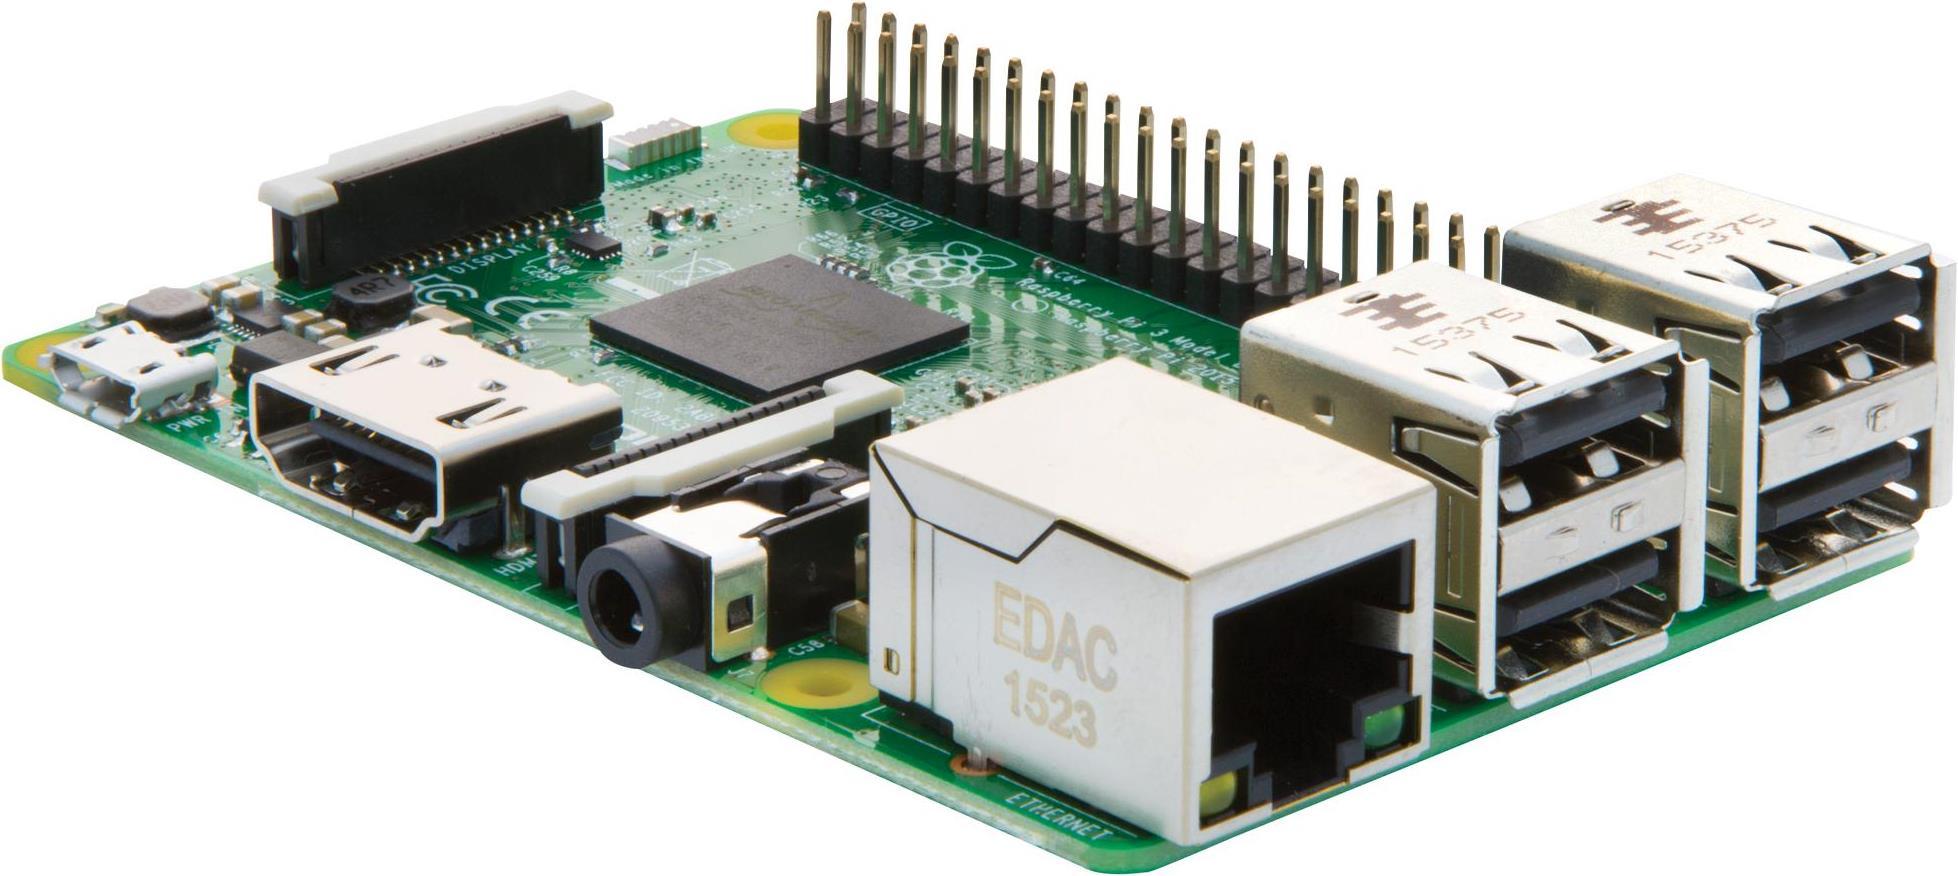 [Schweiz/Pendler] Raspberry Pi 3 Tagesangebot 33 SFR (~30,75€) bei digitec.ch